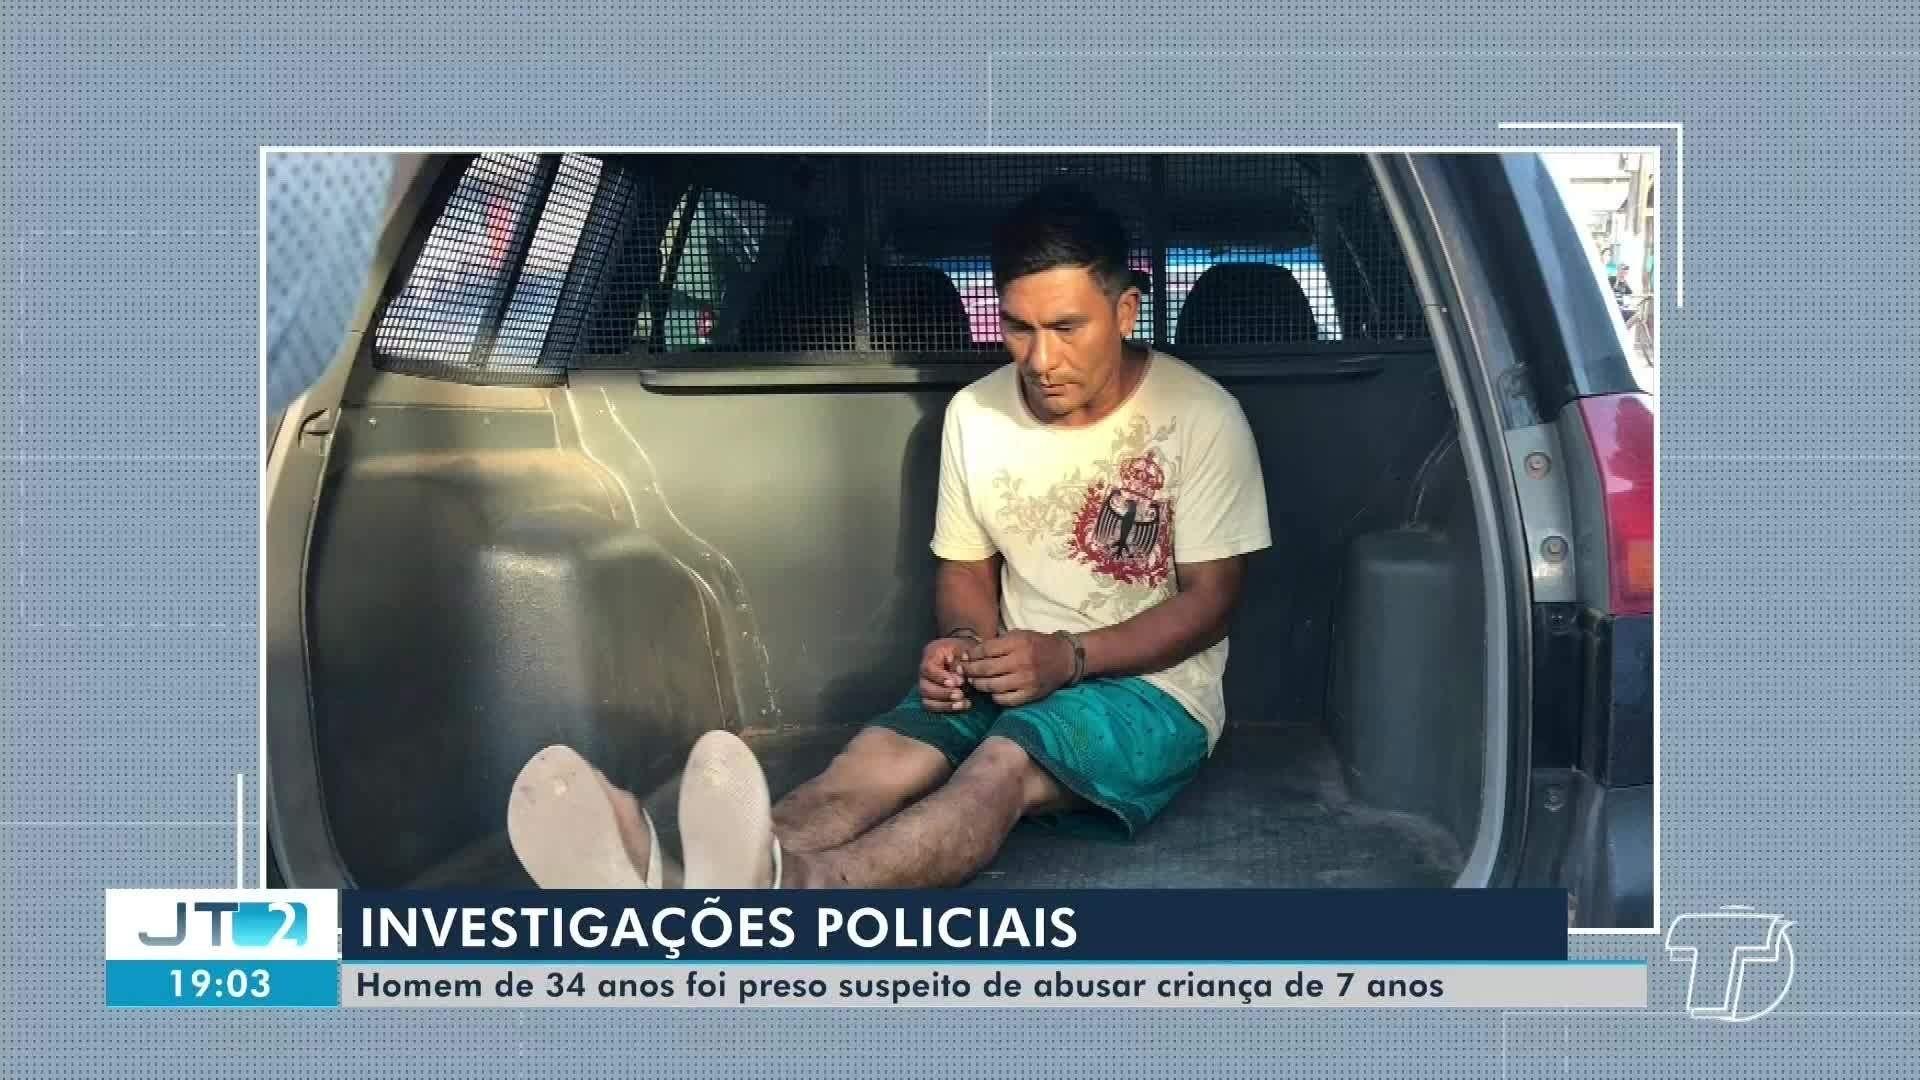 VÍDEOS: Jornal Tapajós 2ª Edição de segunda-feira, 23 de novembro